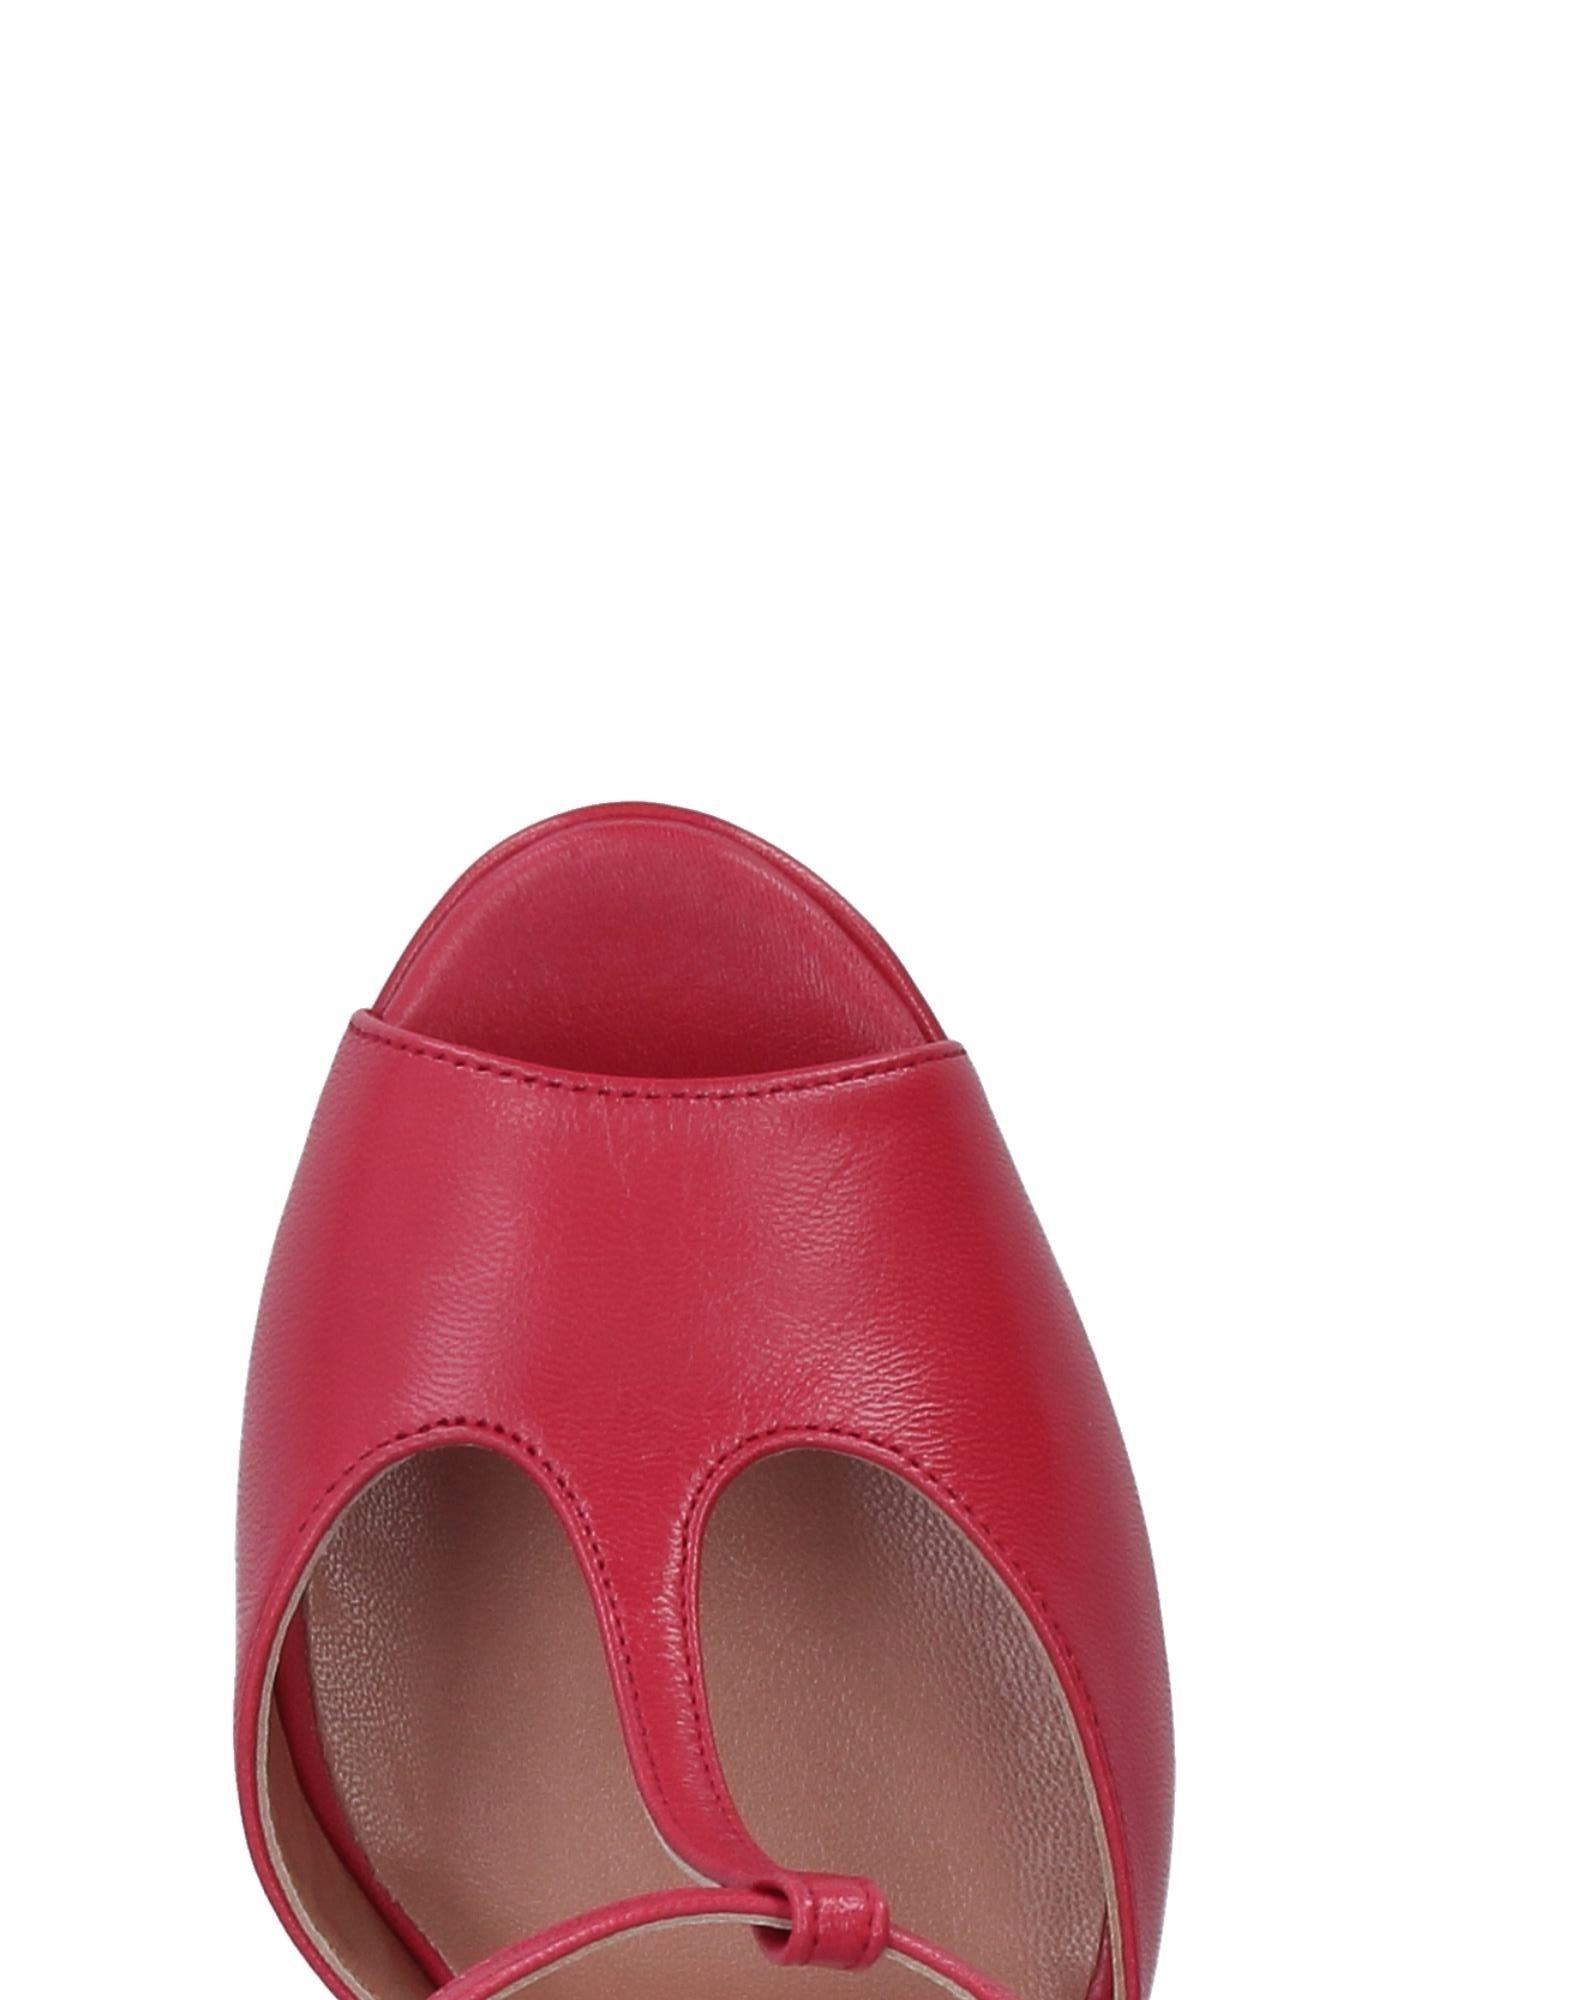 L' Autre Chose strapazierfähige Sandalen Damen  11371466LMGut aussehende strapazierfähige Chose Schuhe e3a9c0